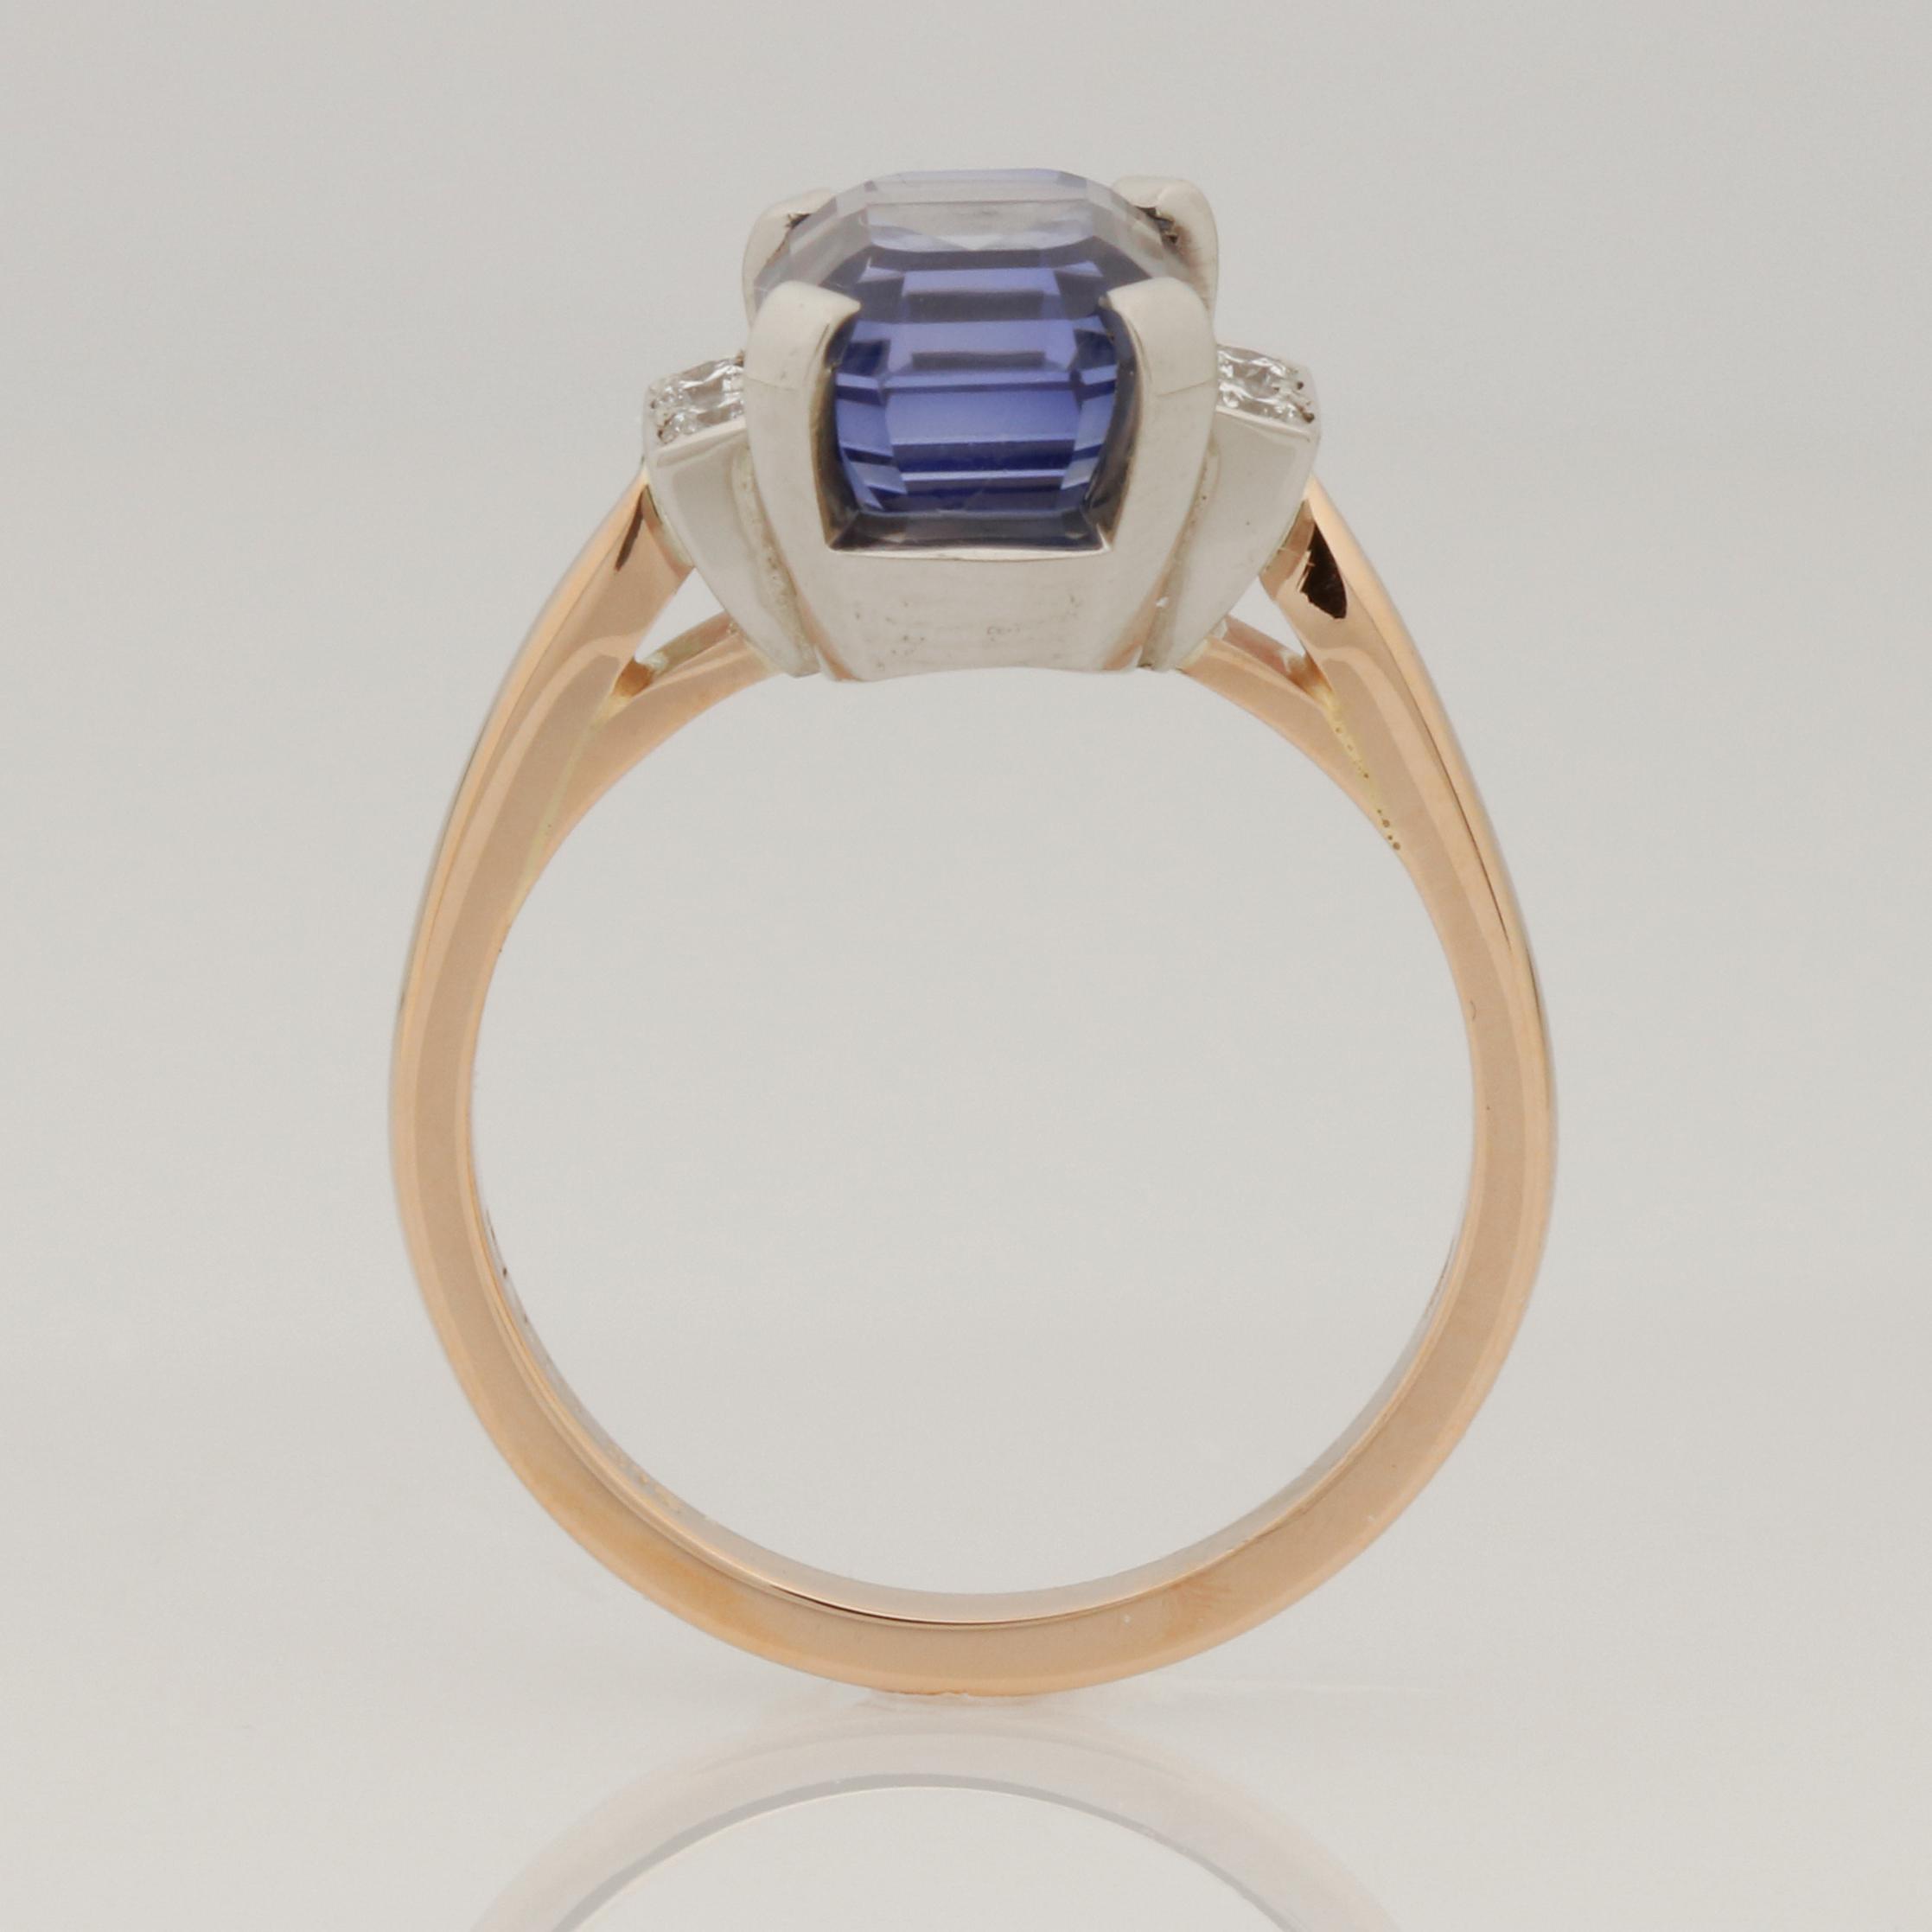 Ladies handmade 9ct rose gold and palladium sapphire and diamond ring